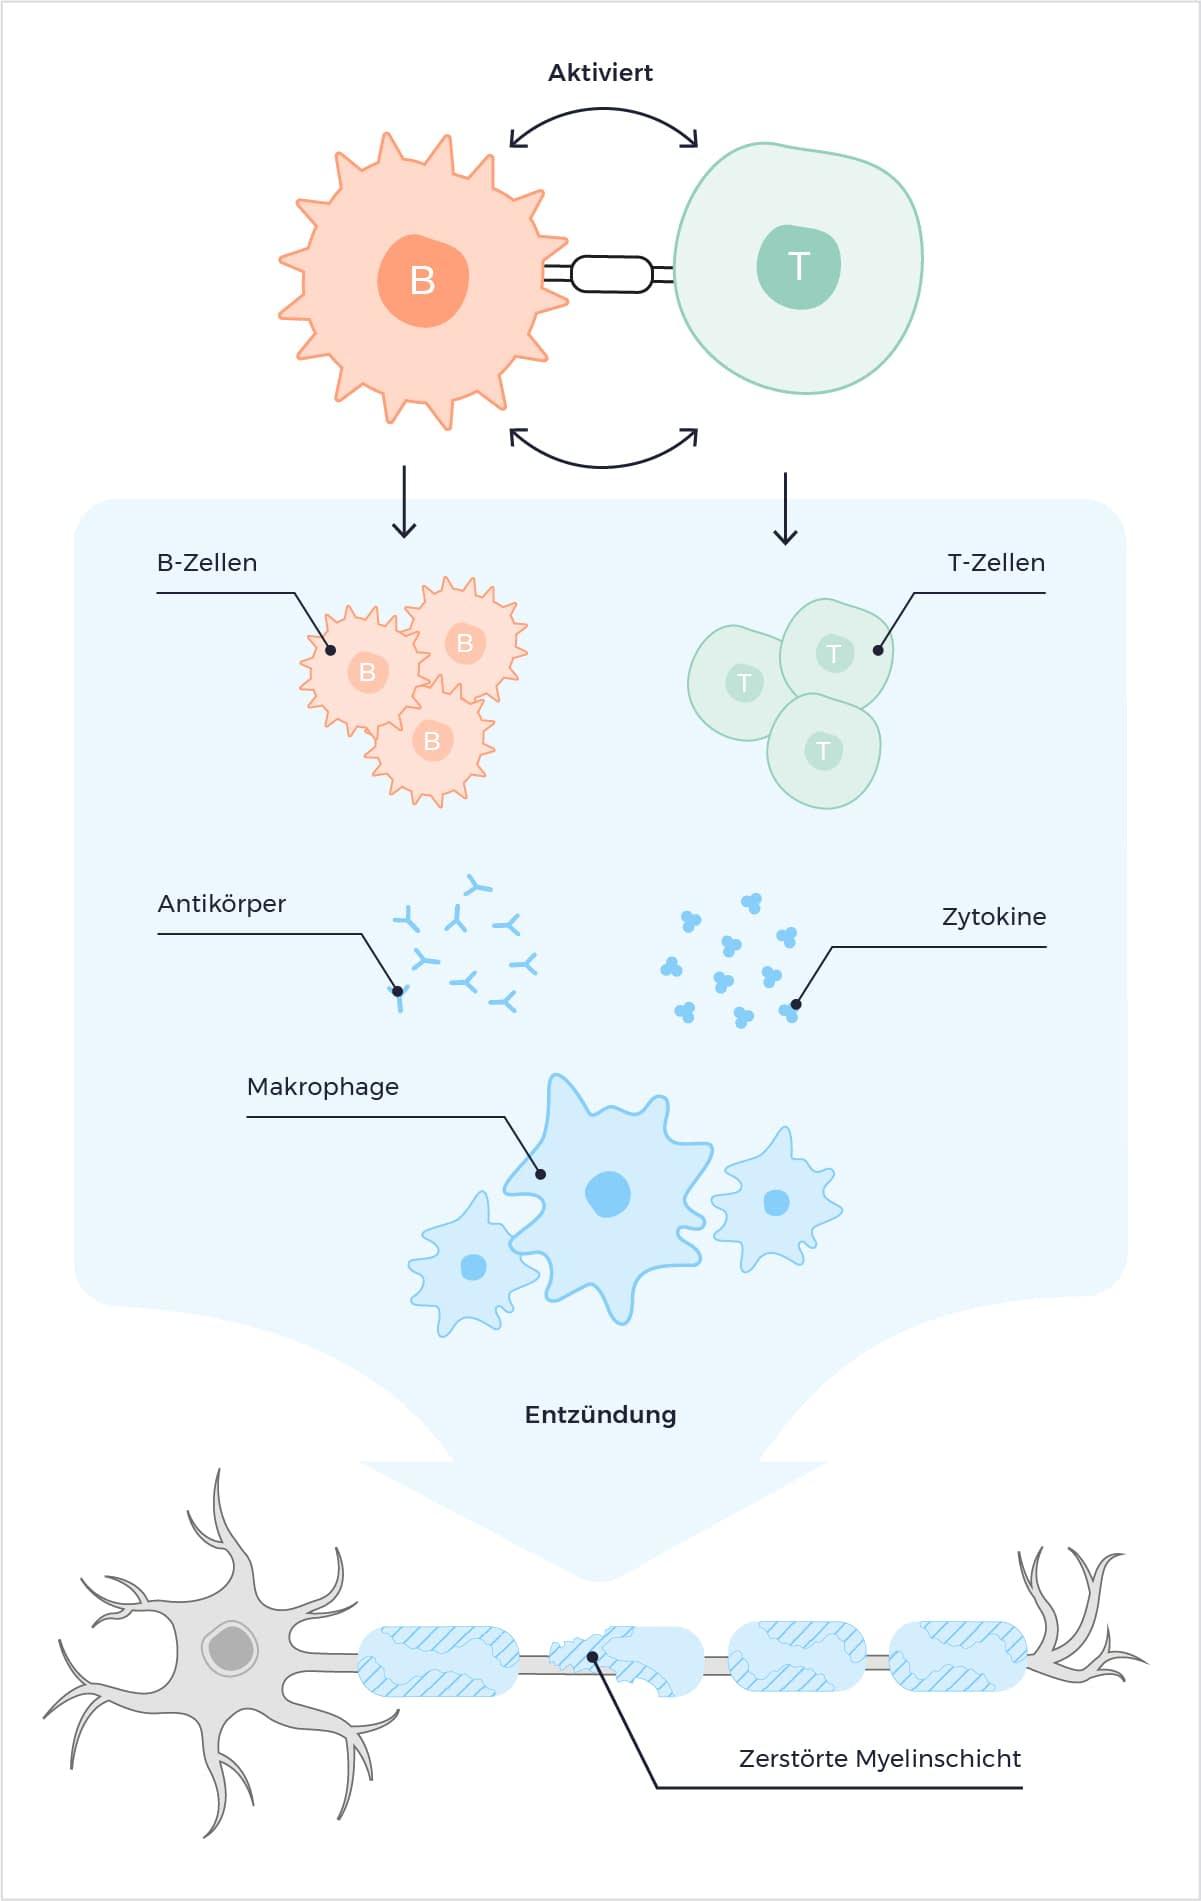 B-Zellen